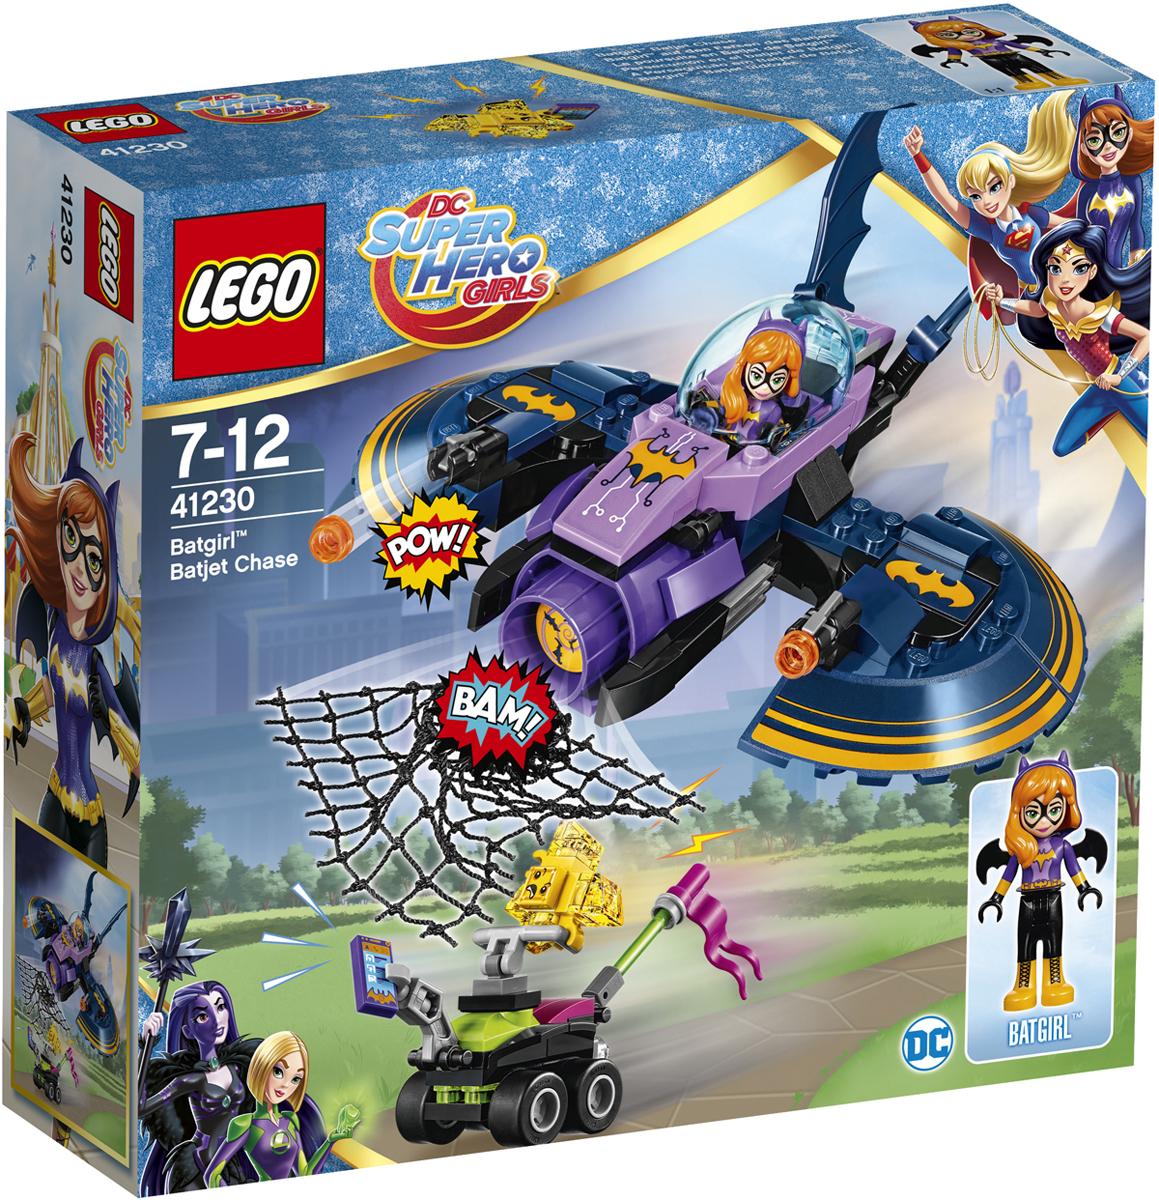 LEGO DC Super Hero Girls Конструктор Бэтгерл погоня на реактивном самолете 41230 секретный бункер бэтгёрл 41237 dc super hero girls lego